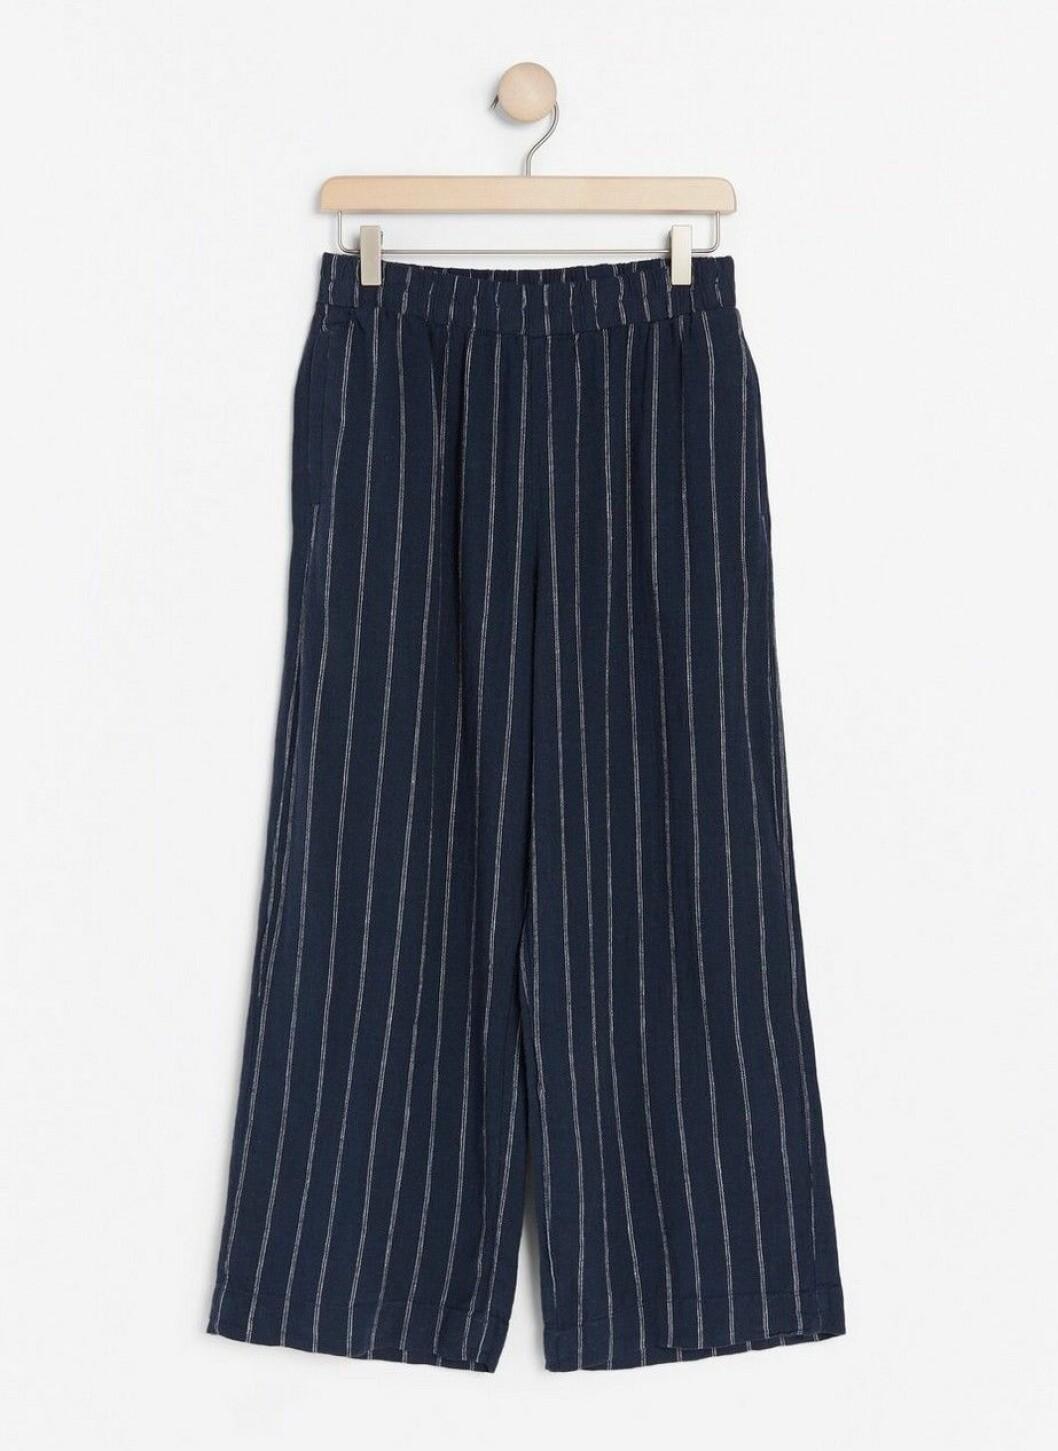 Blå byxor som är svala för dam till sommaren 2020